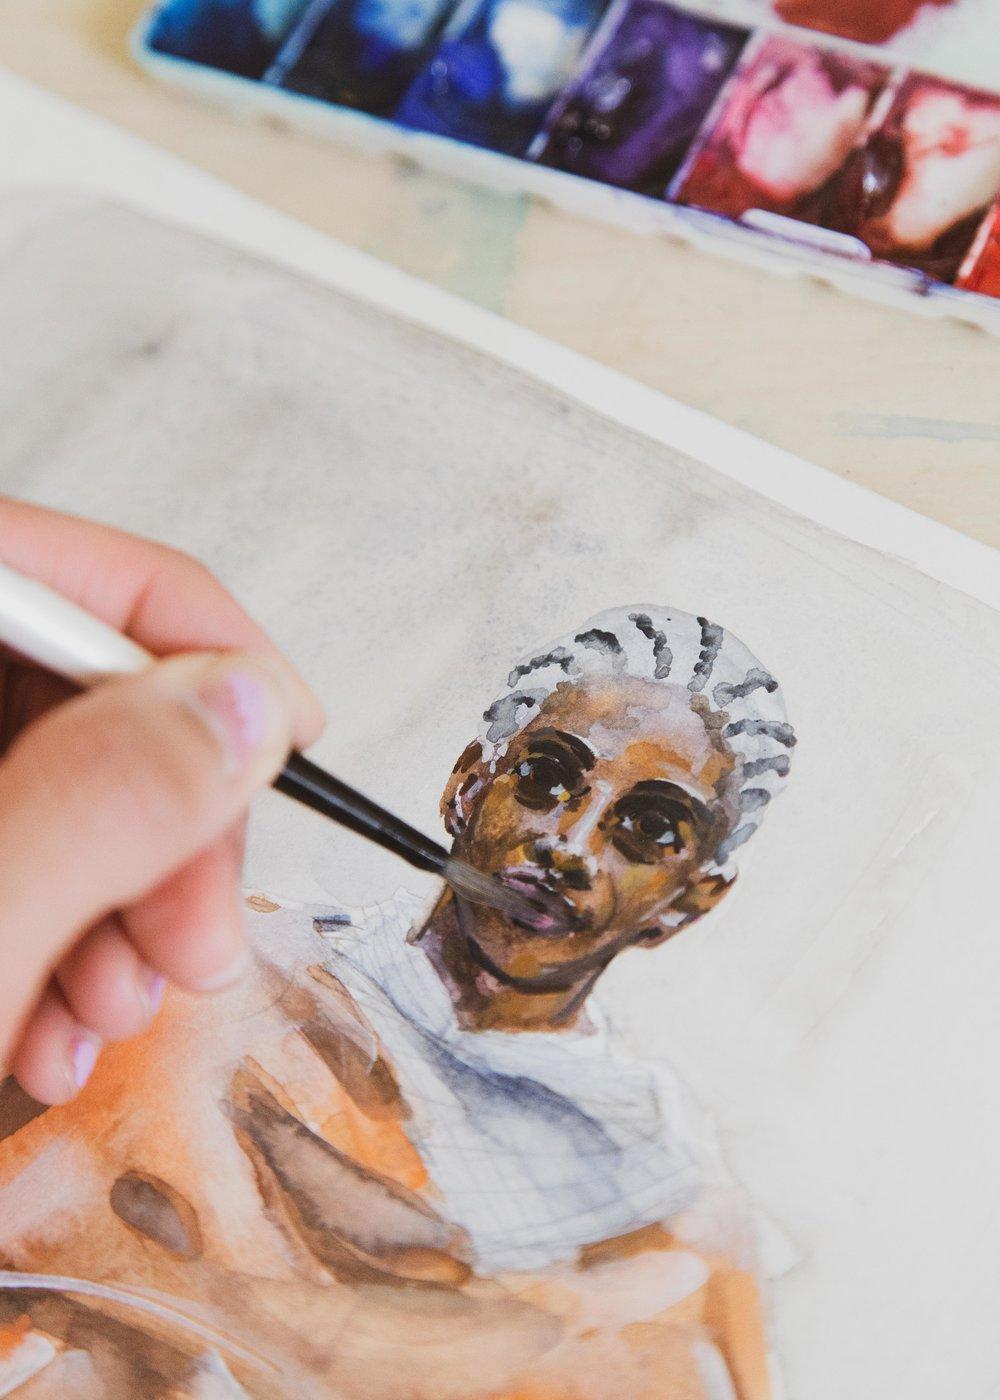 Victoria-Riza Fashion Artist Illustrator and Printmaker | Deveaux Fall 2019 RTW